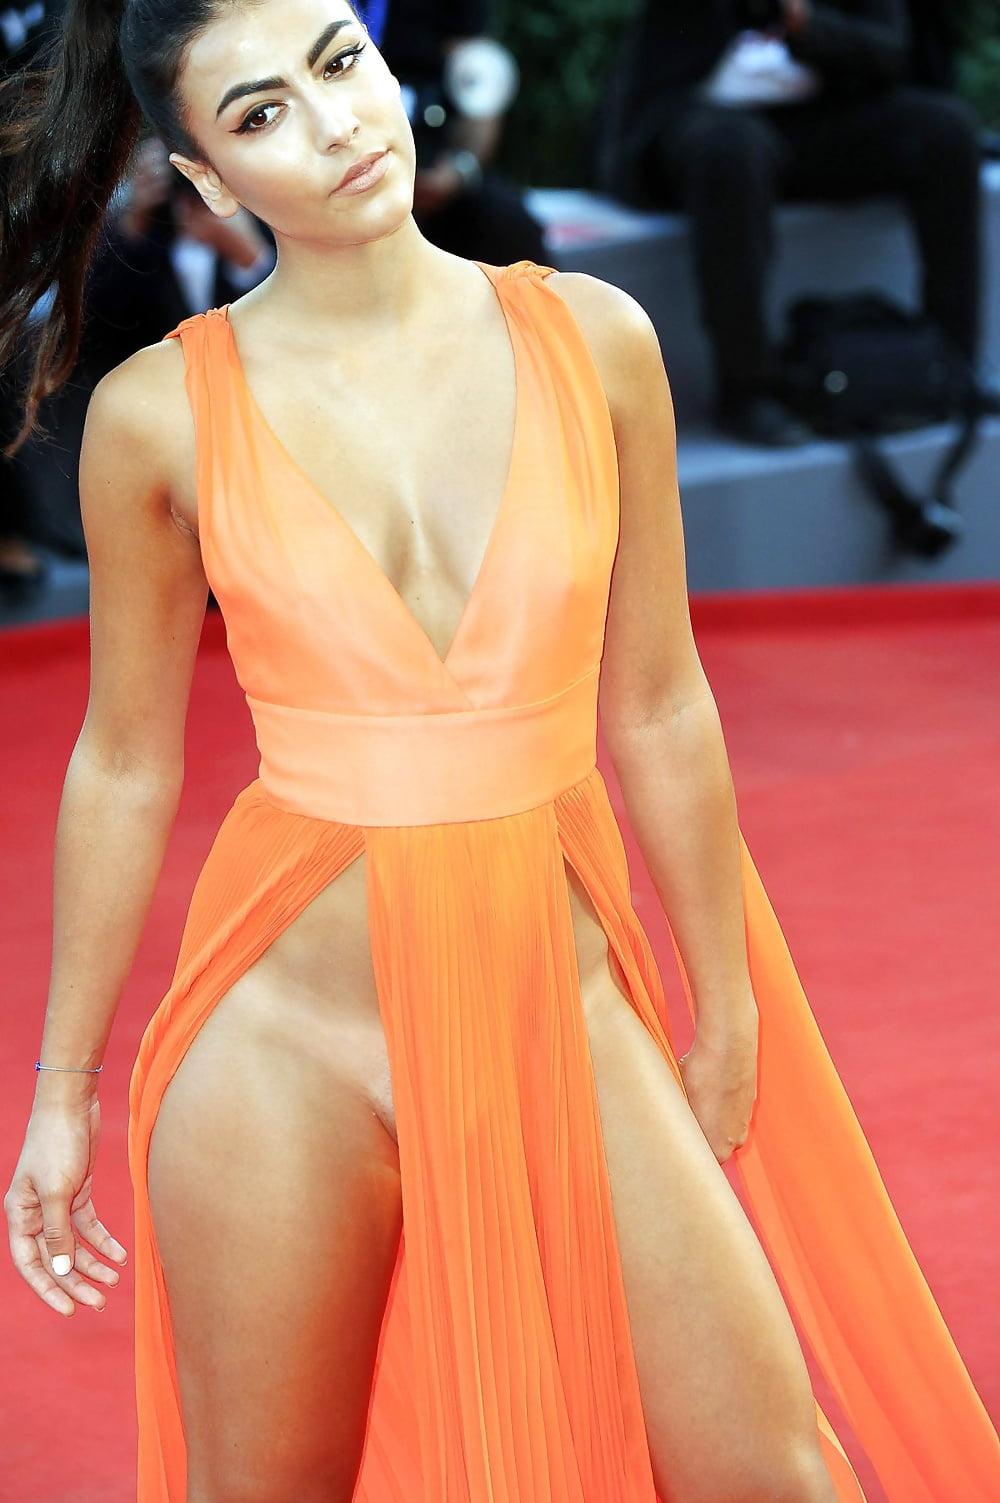 Sexy hot italian no panties facial cumsot movies